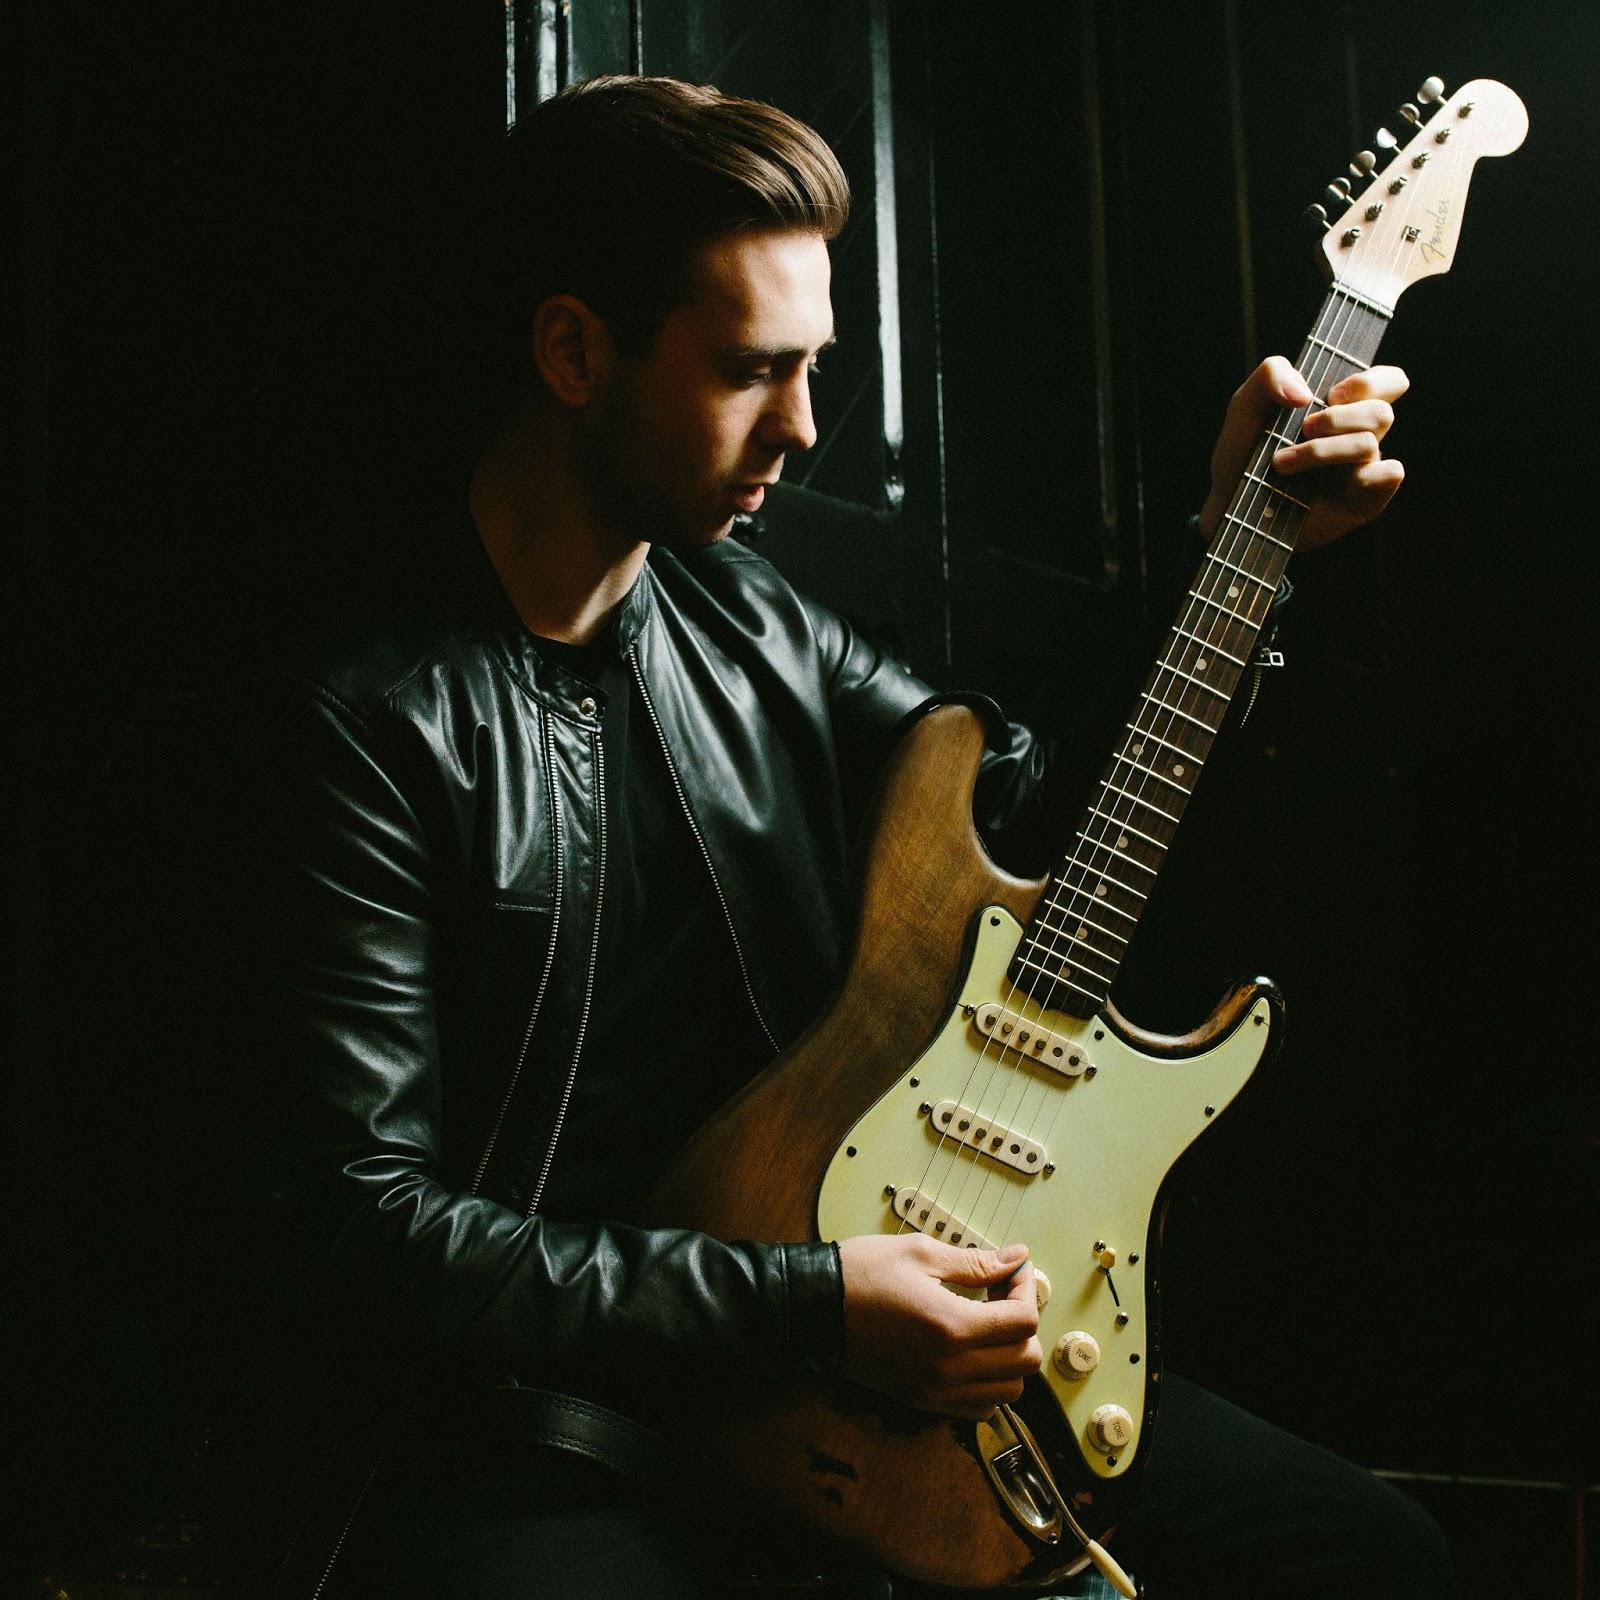 Bildergebnis für Laurence Jones guitarist